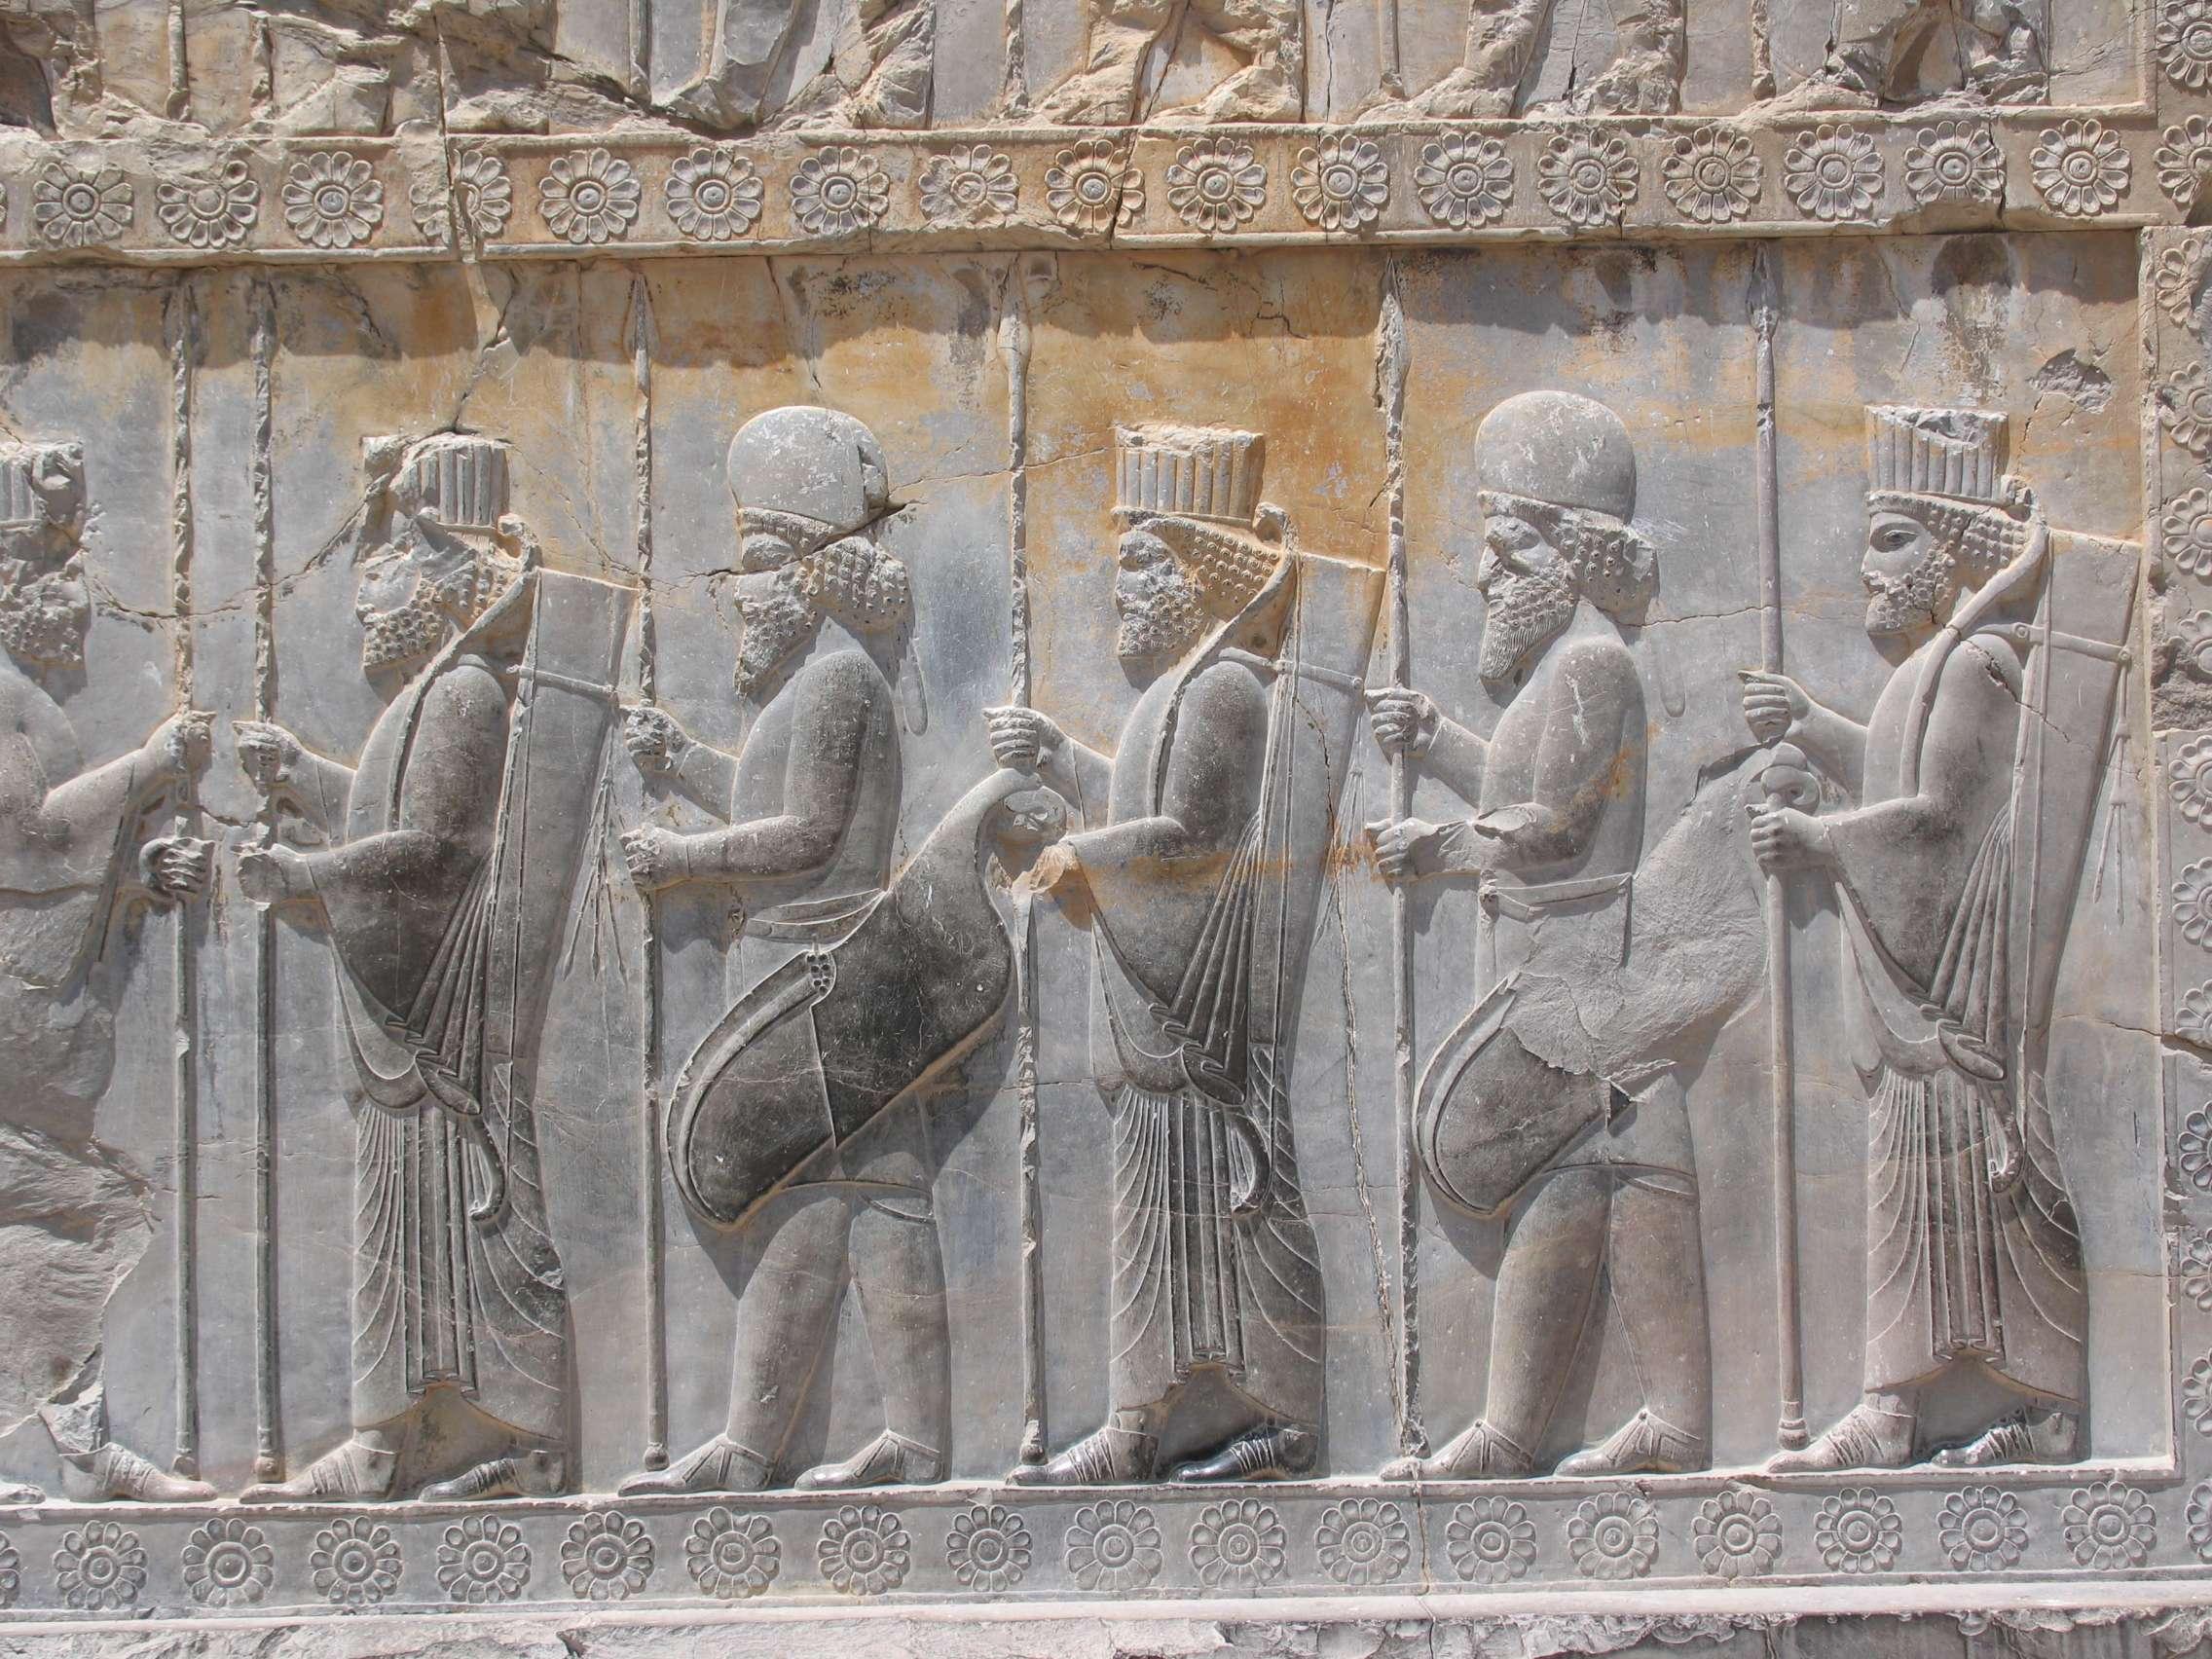 Αρχαίοι Πέρσες στρατιώτες. Bas-reliefs of Persian soldiers together with Median soldiers are prevalent in Persepolis. The ones with rounded caps are Median.